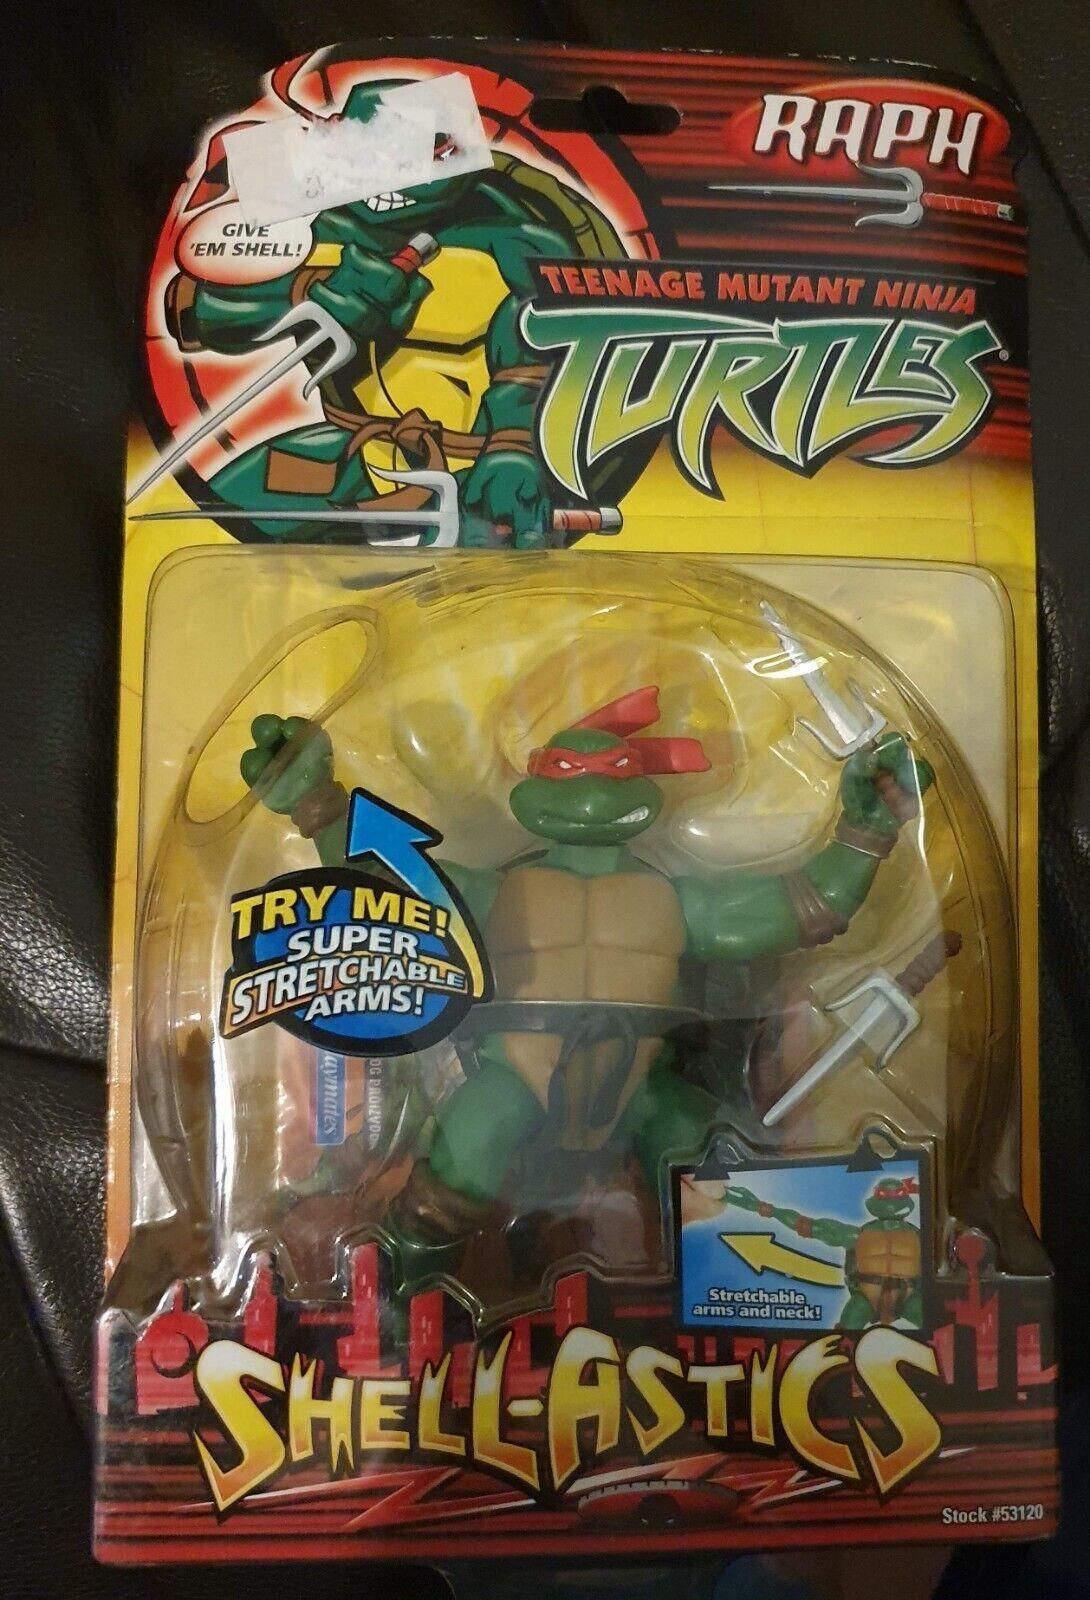 Teenage mutant ninja sköldpaddor, spelaMATES, 2005, SHELL -ASTICS RAPH, ny  RARE